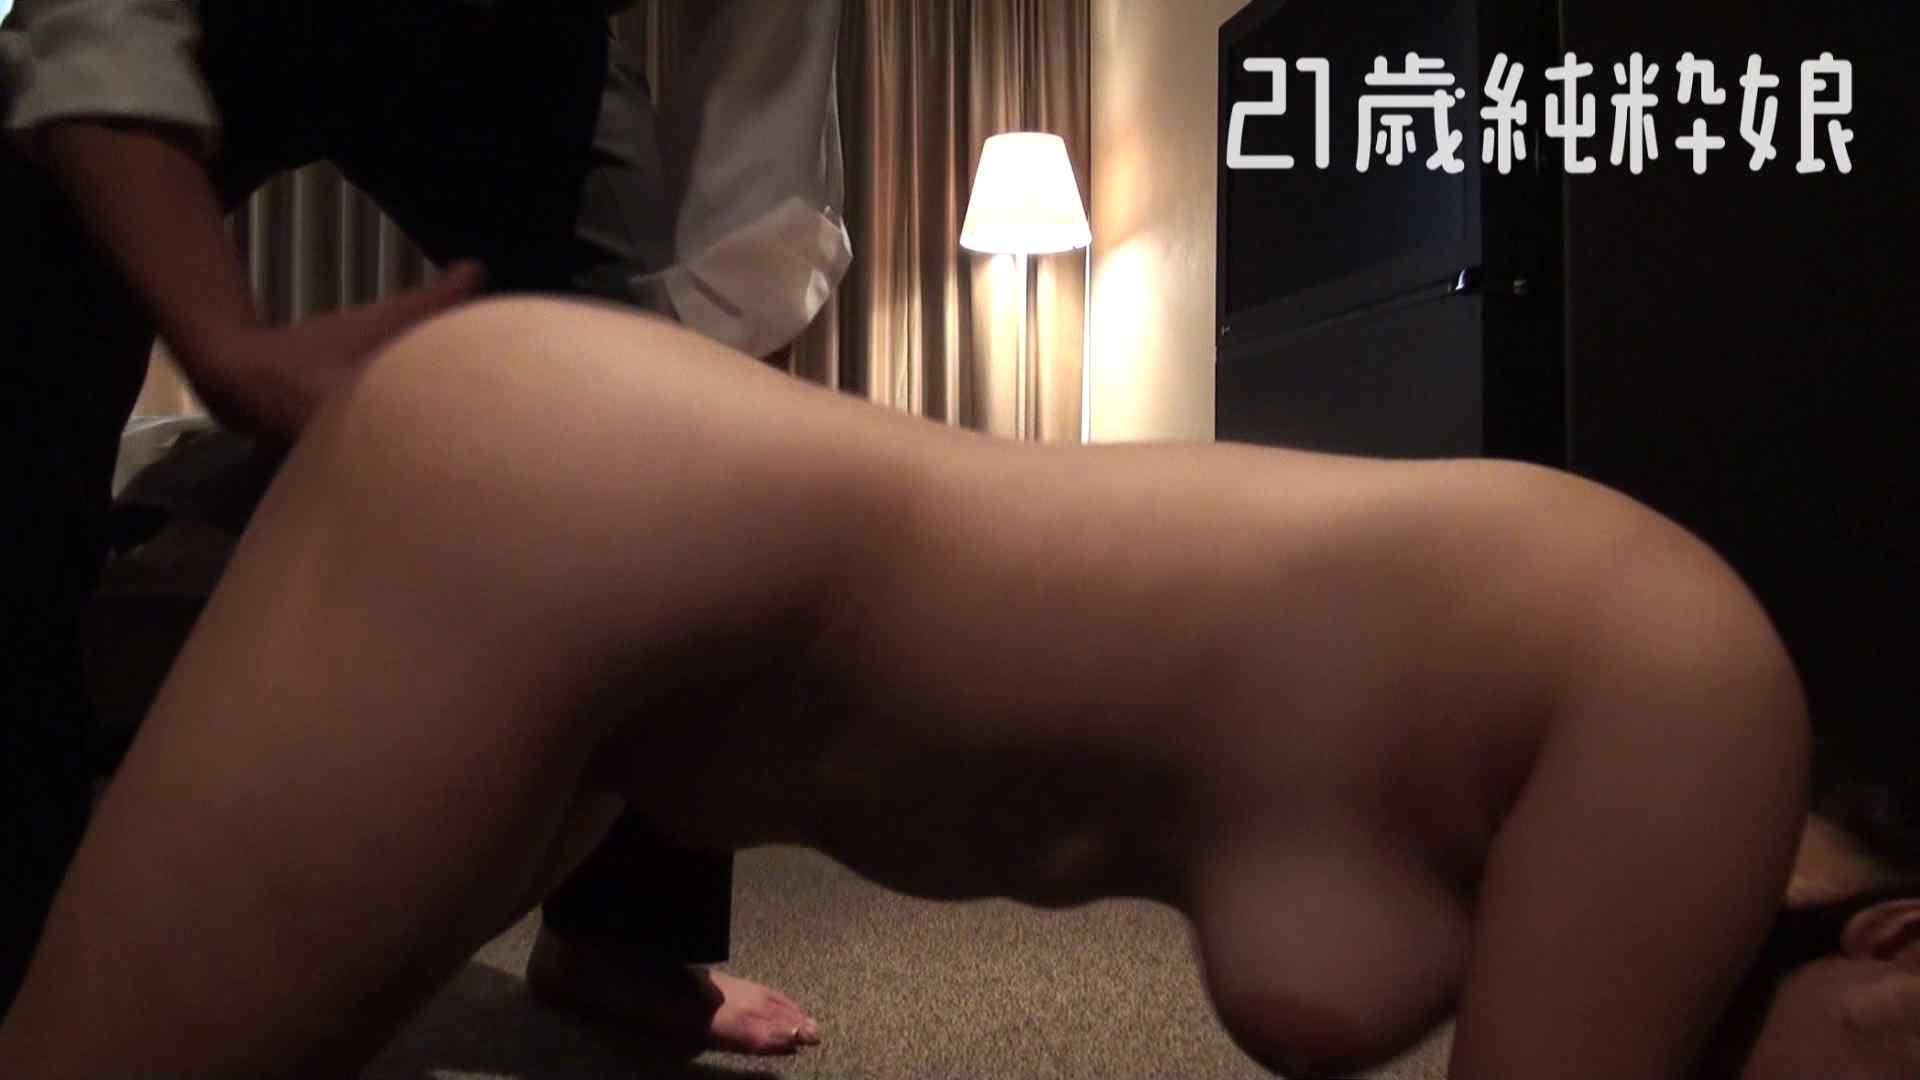 上京したばかりのGカップ21歳純粋嬢を都合の良い女にしてみた2 オナニー特集 | ギャル達のSEX  77画像 48